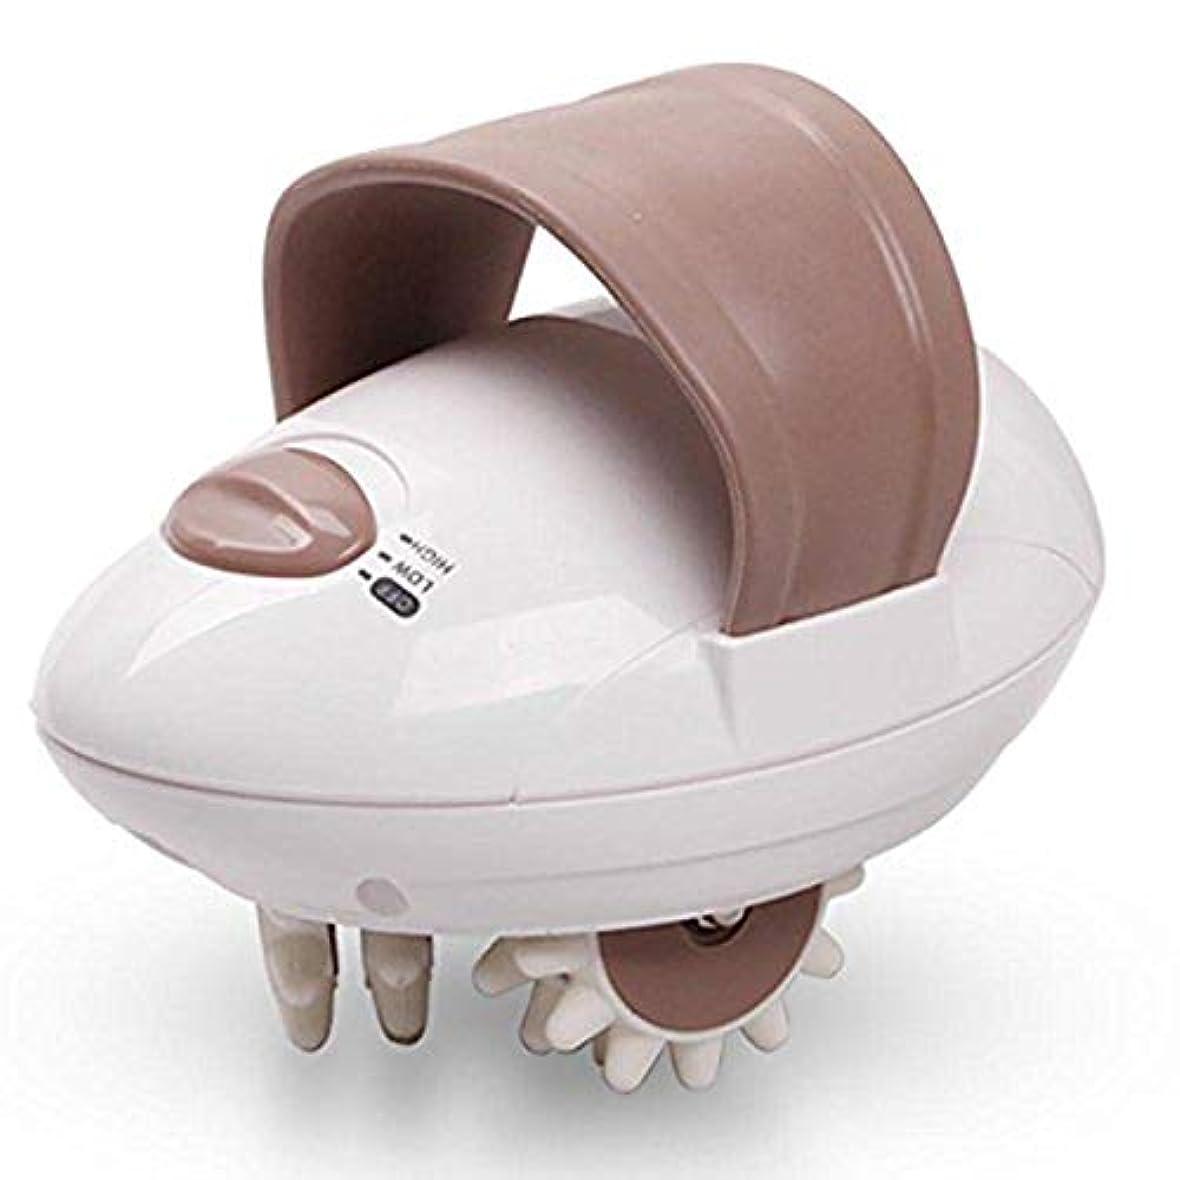 スタウト不承認キルス3D Electric Full Body Slimming Massager Roller Cellulite Massaging Smarter Device Weight Loss Fat Burning Relieve...